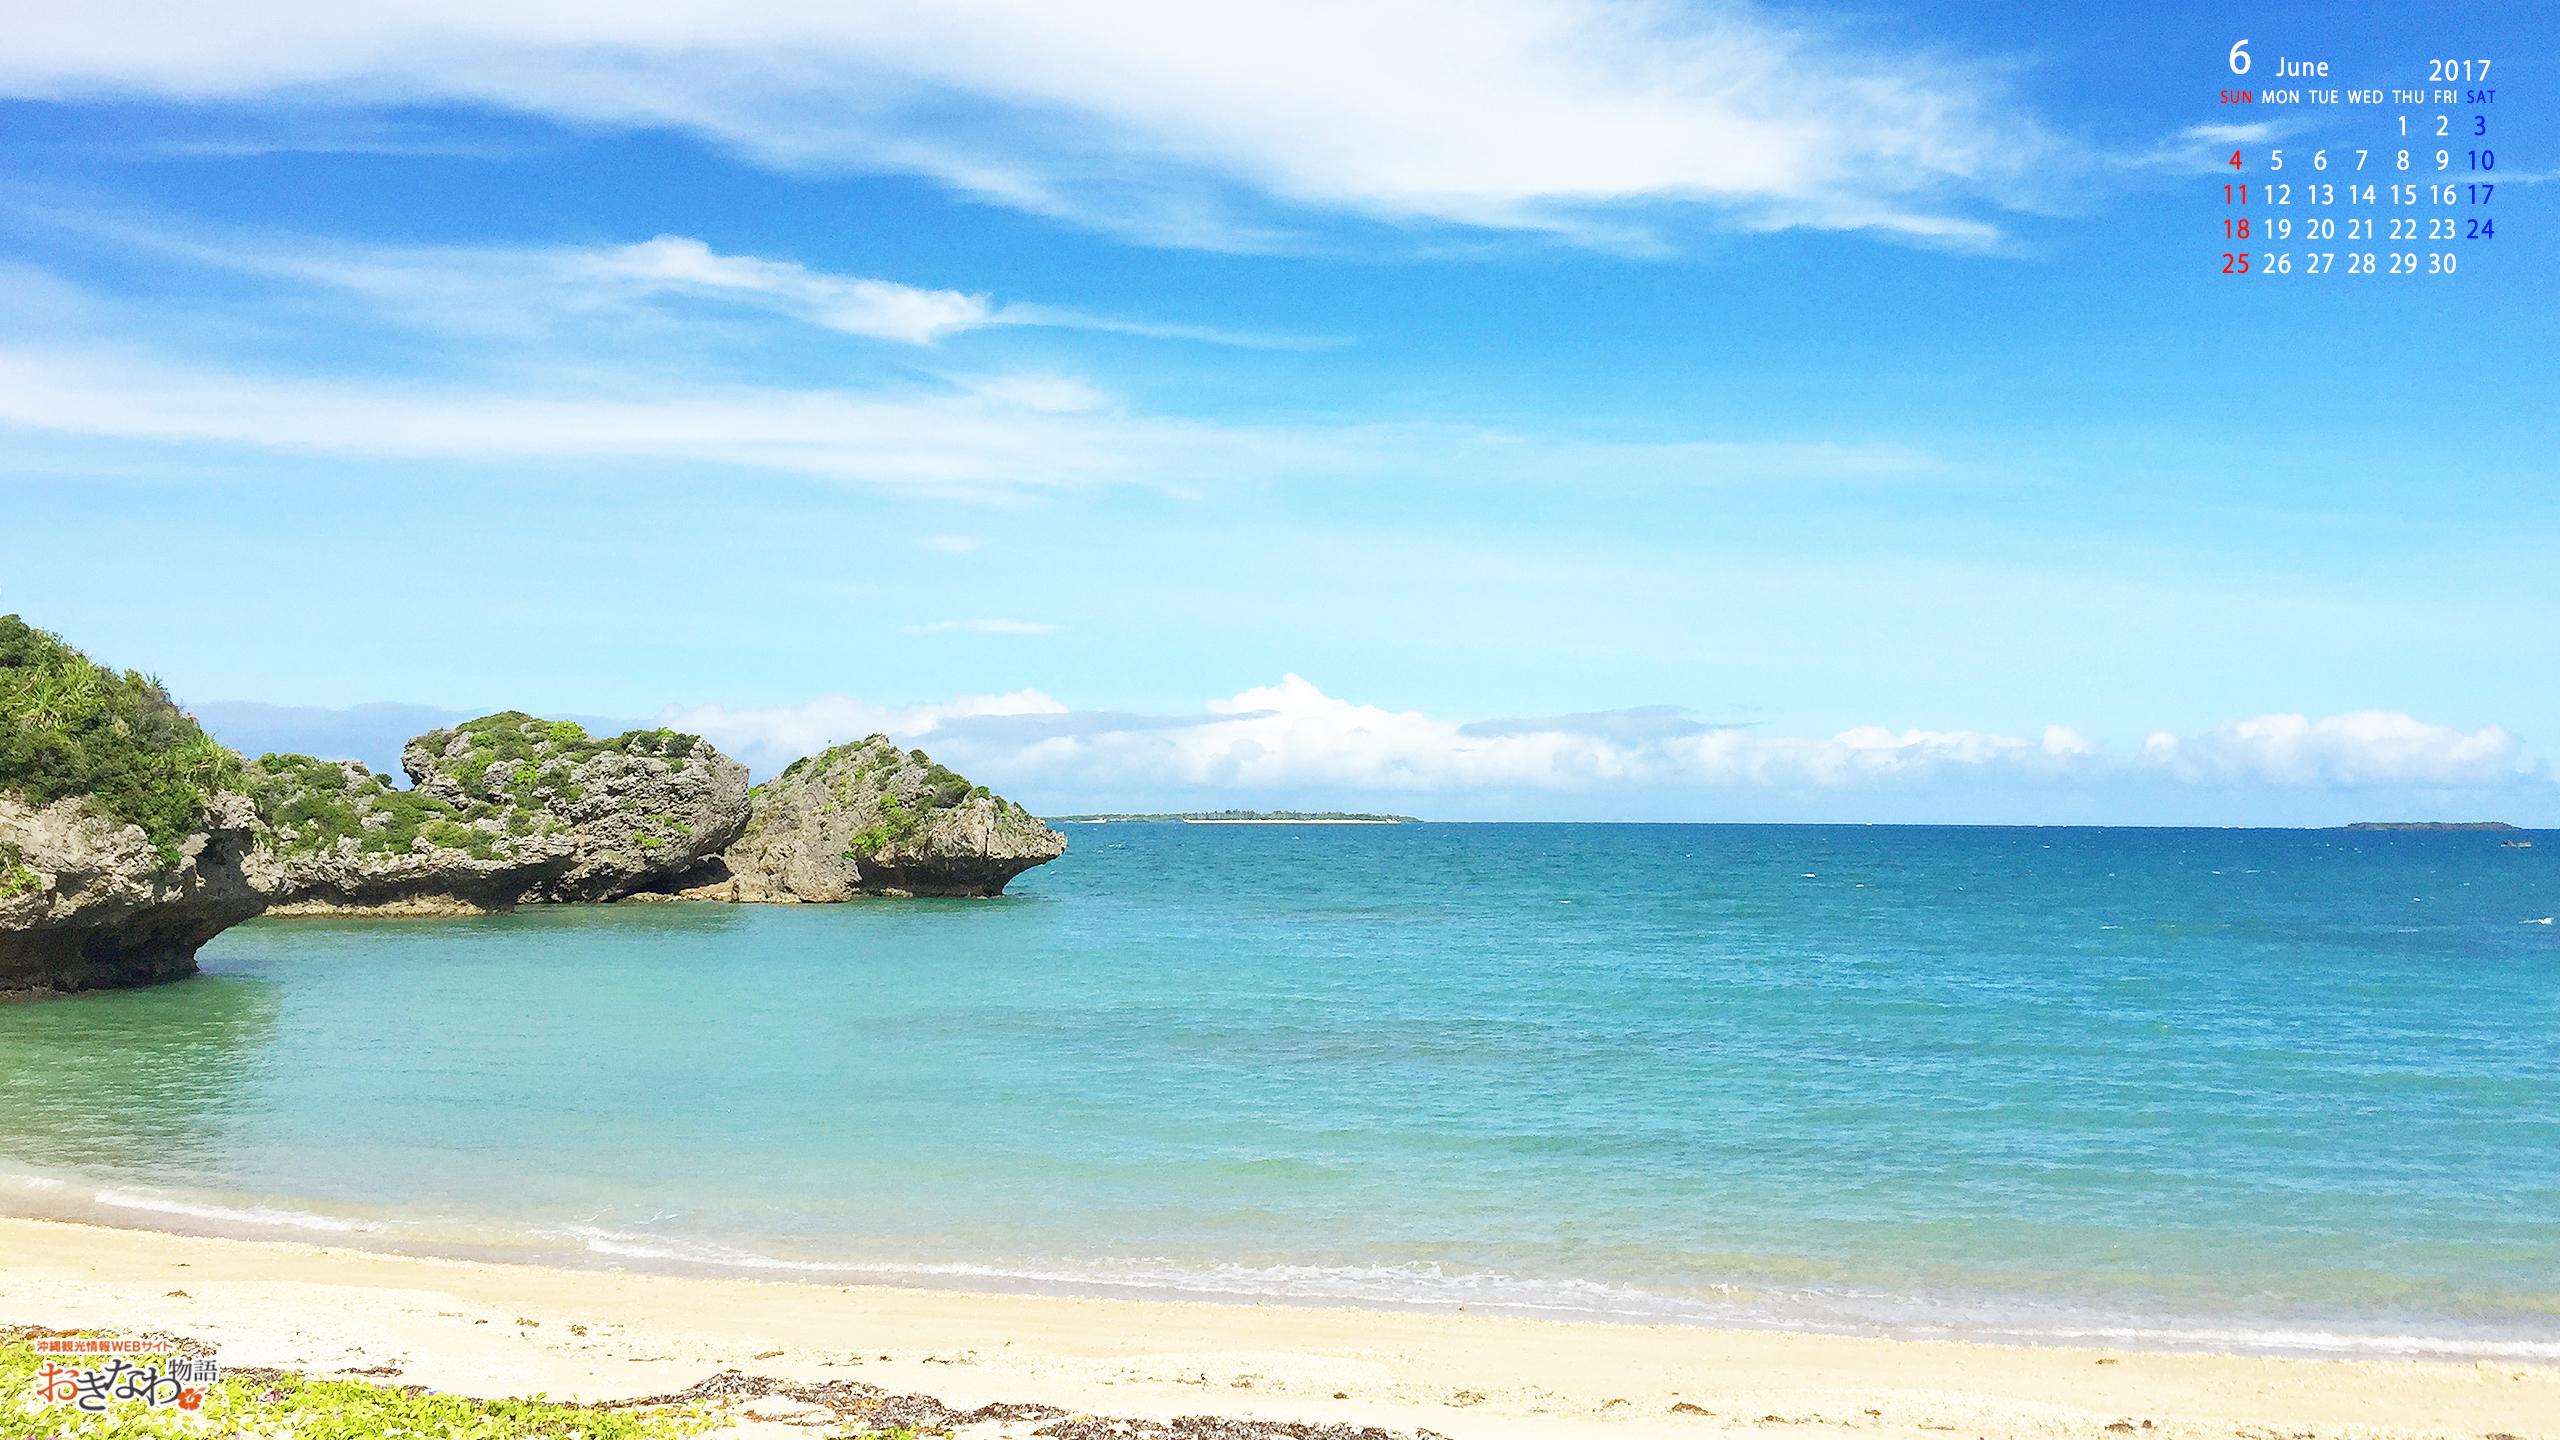 6月の壁紙カレンダー お知らせ トピックス 沖縄観光情報webサイト